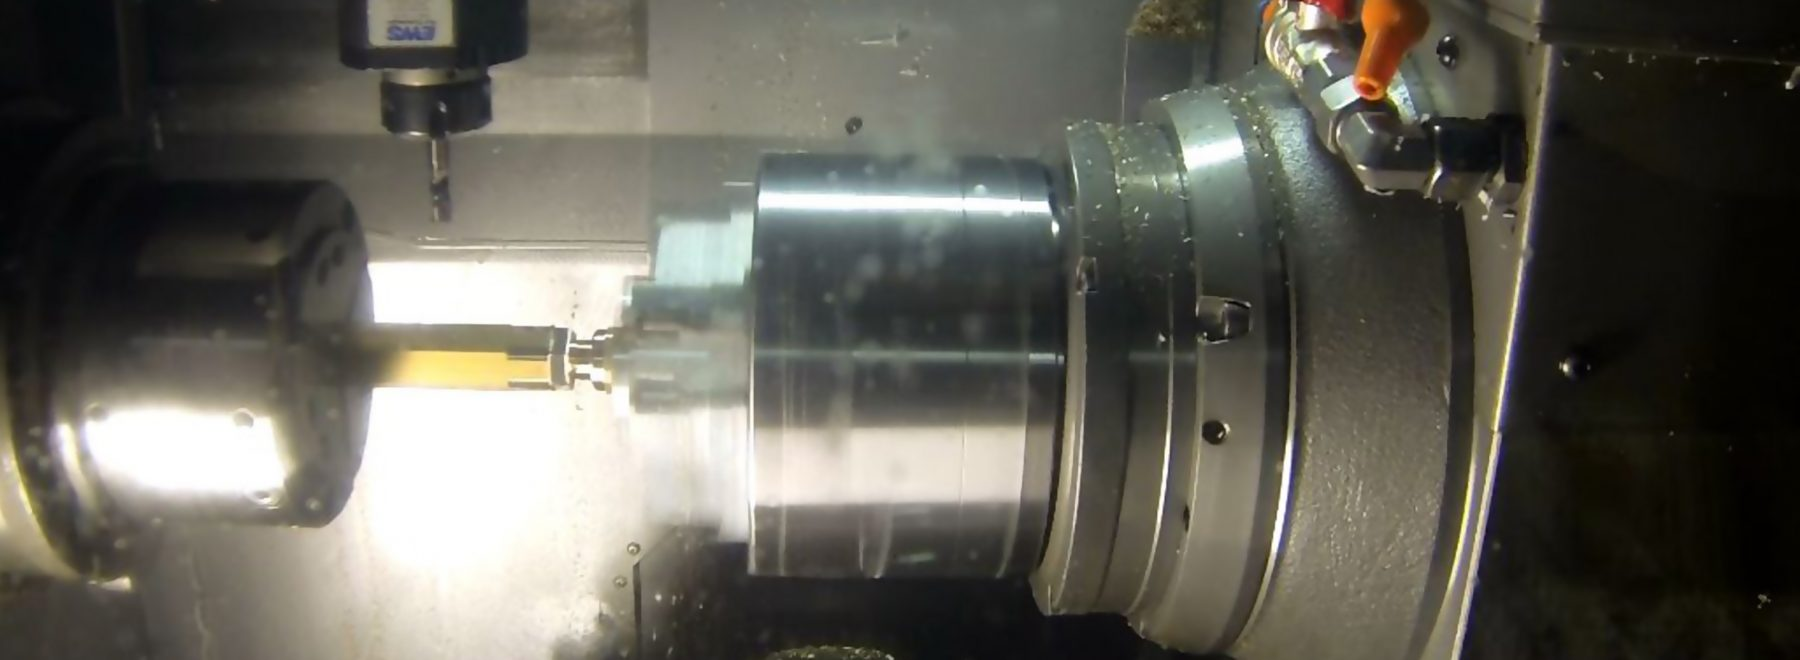 Das Bild zeigt eine Drehmaschine. Diese findet Einsatz im Teilbereich Digitale Produktion / Industrie 4.0.